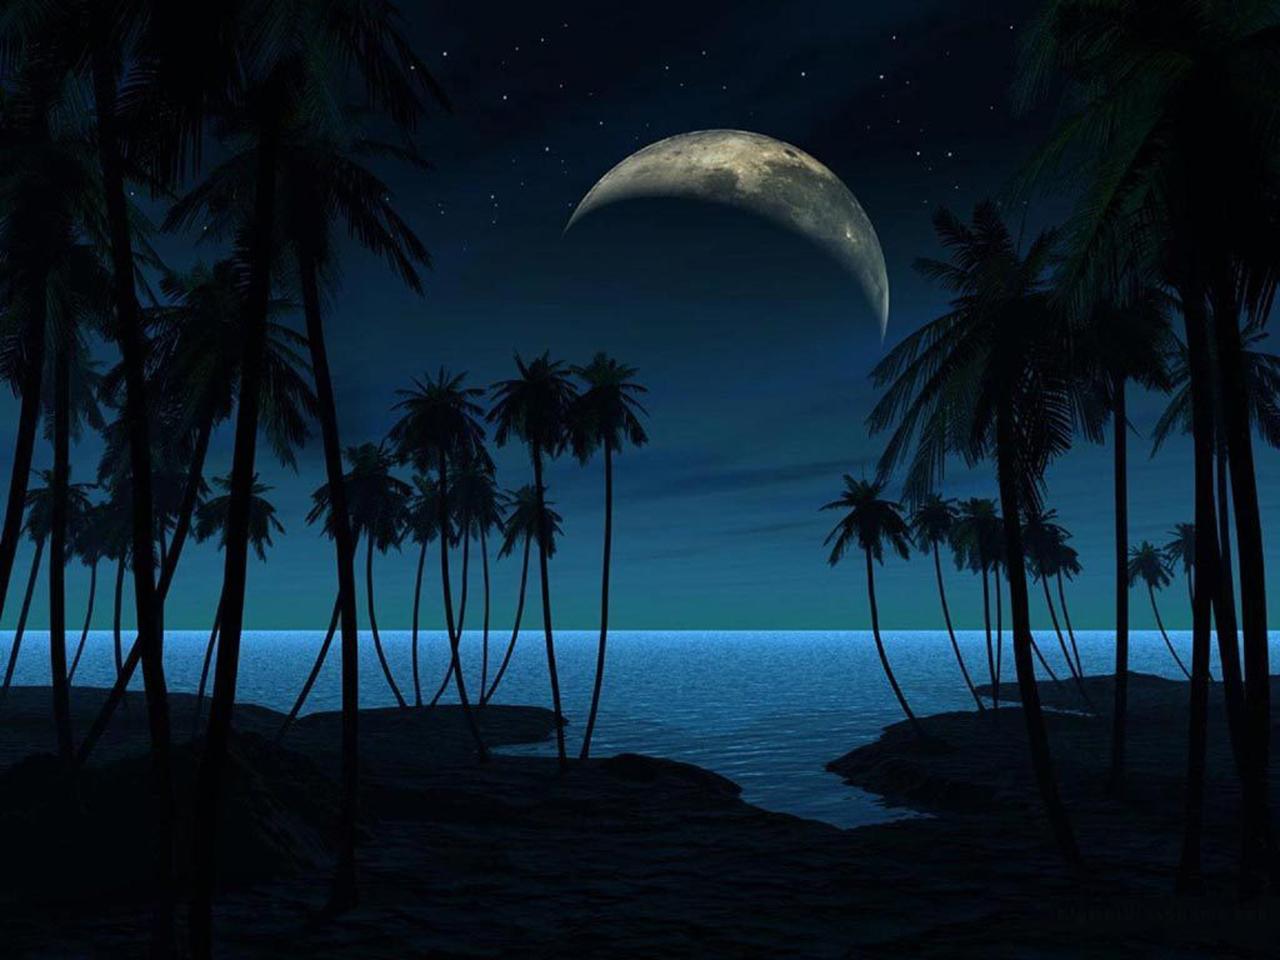 Romantic Ipad Wallpaper: Beautiful Romantic Moonlight Wallpapers